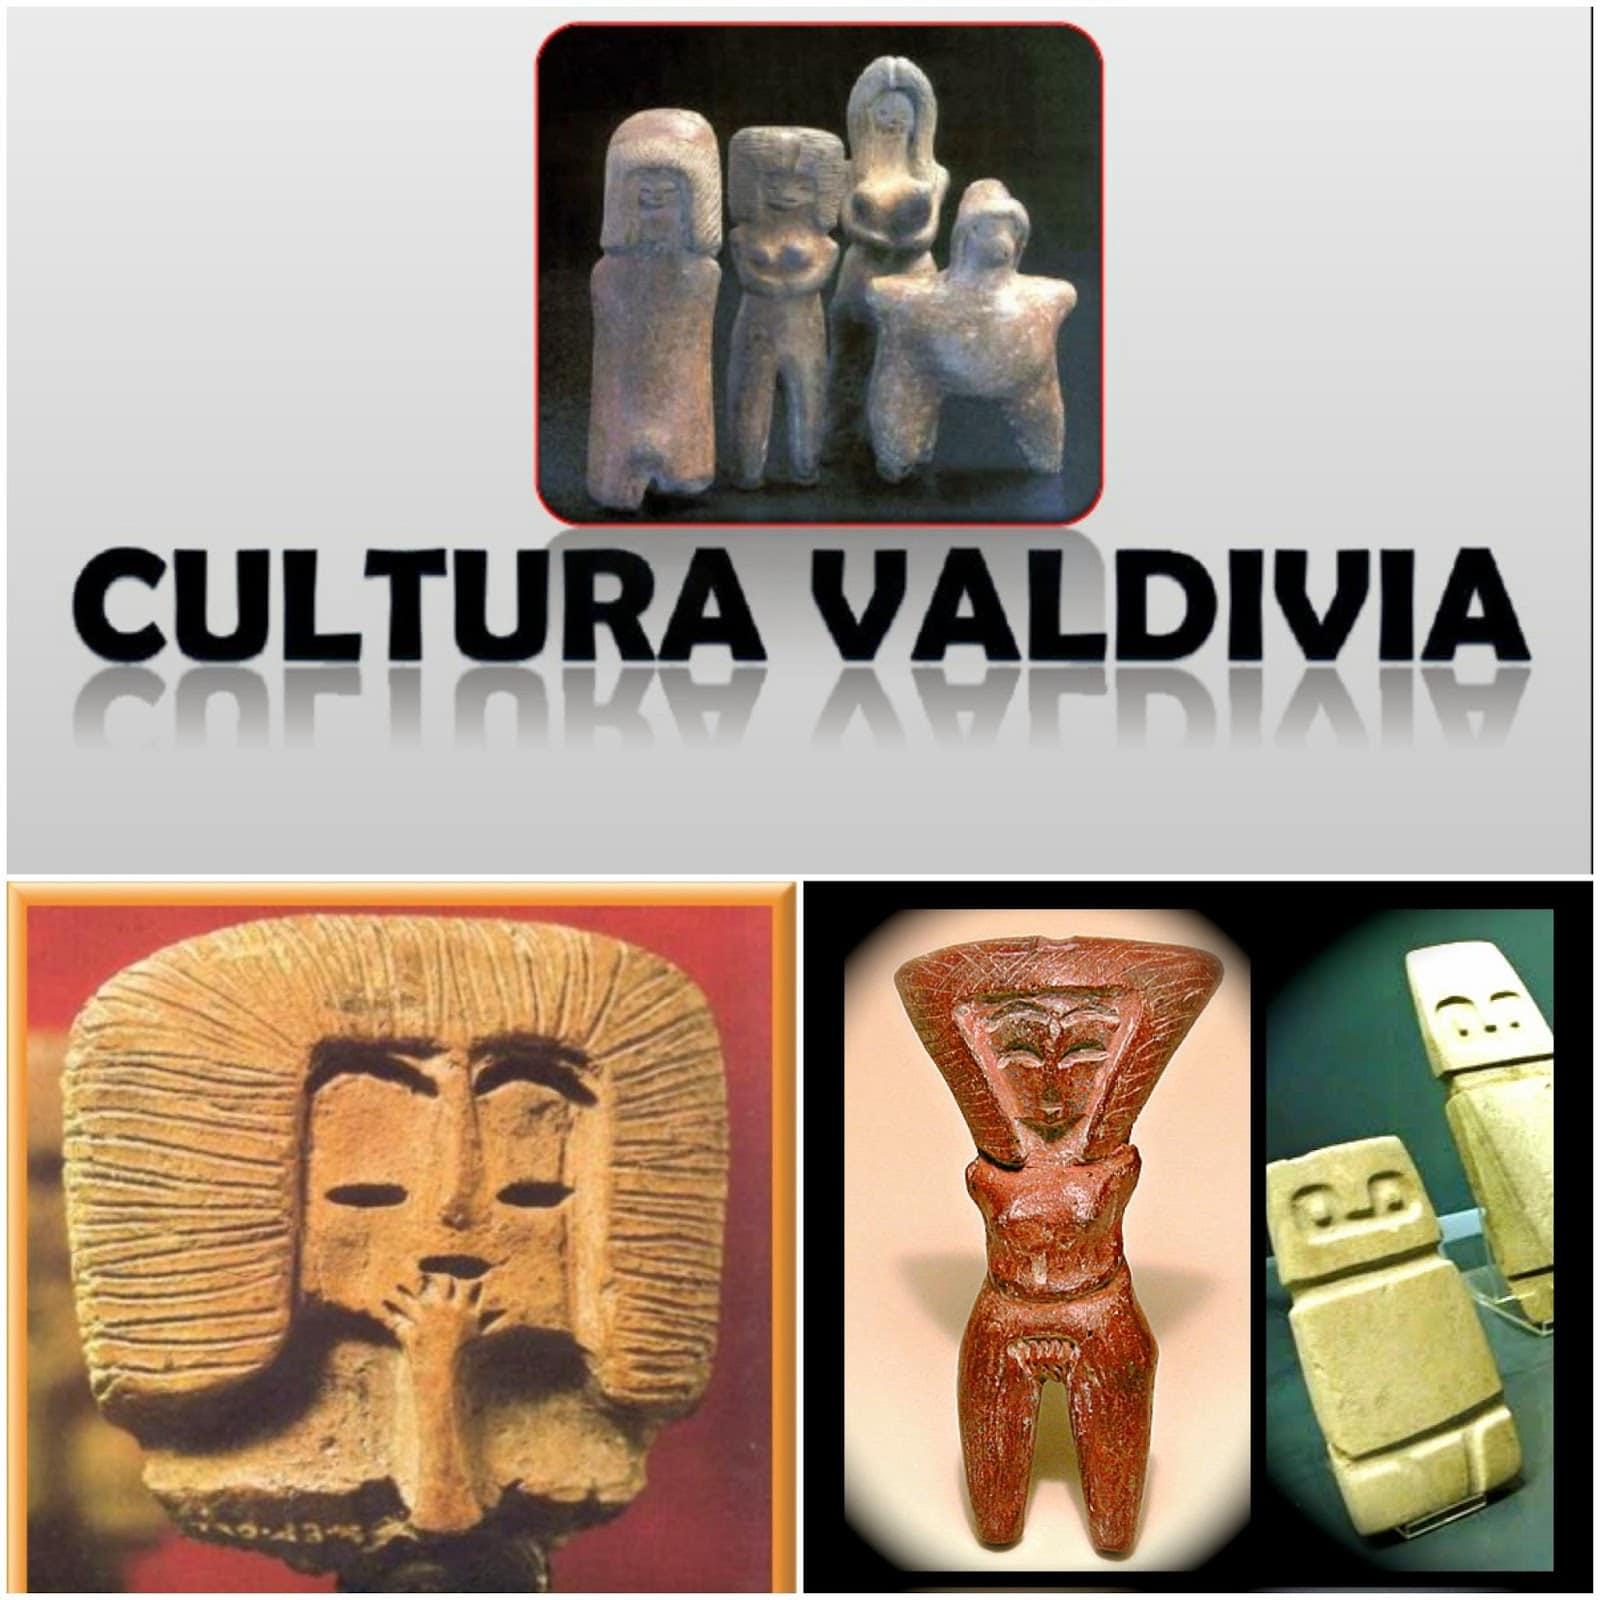 Culturas del Ecuador valdivia